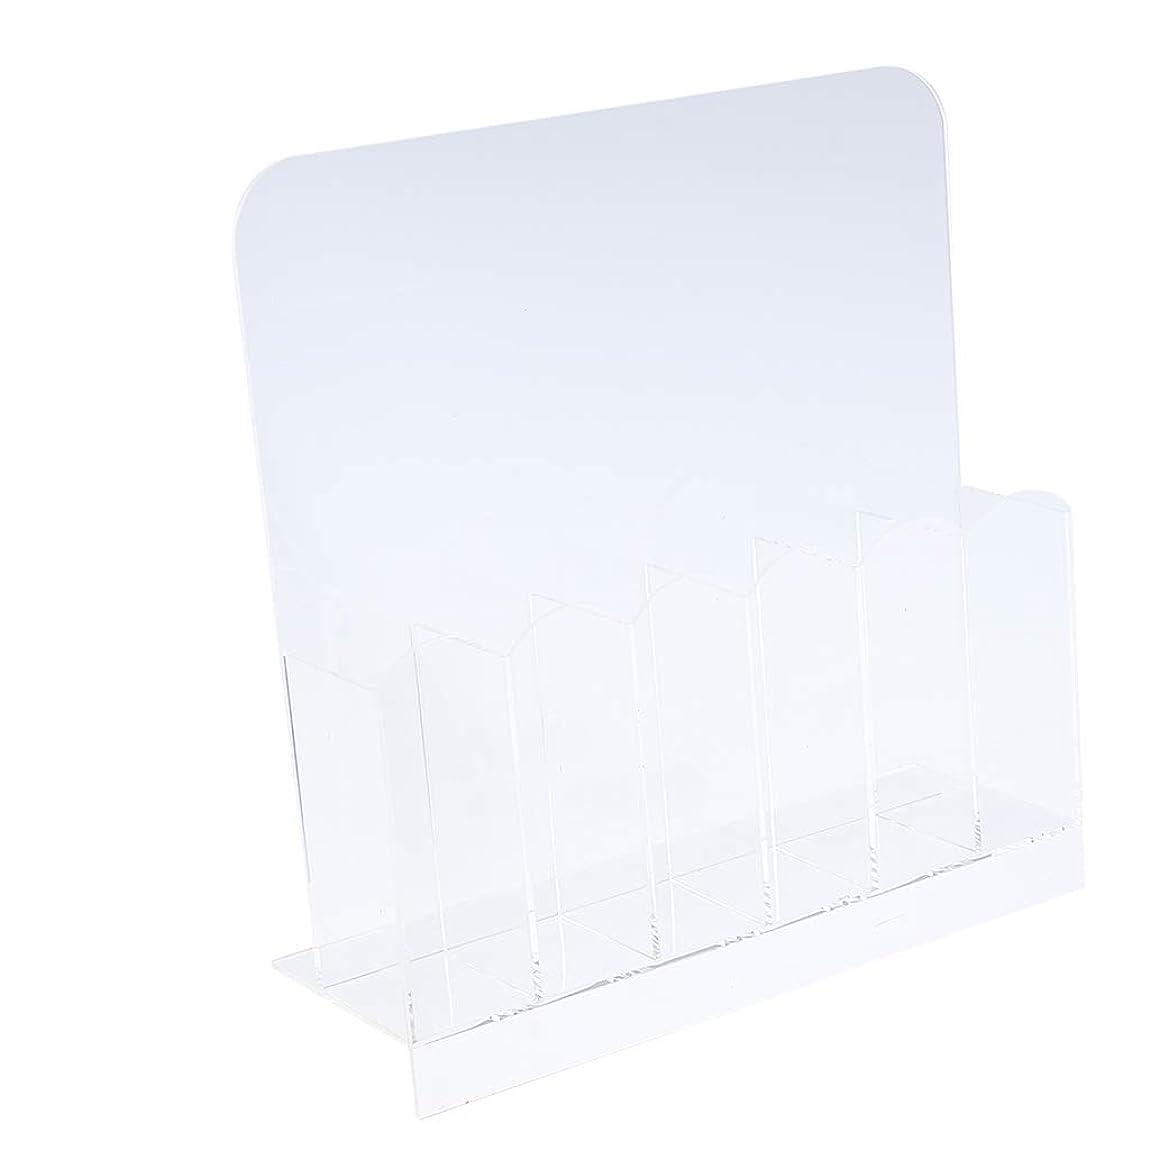 対処する温かい真っ逆さまF Fityle 6グリッド 空ネイル収納ボックス マニキュアツール 収納ケース オーガナイザー クリアホルダー